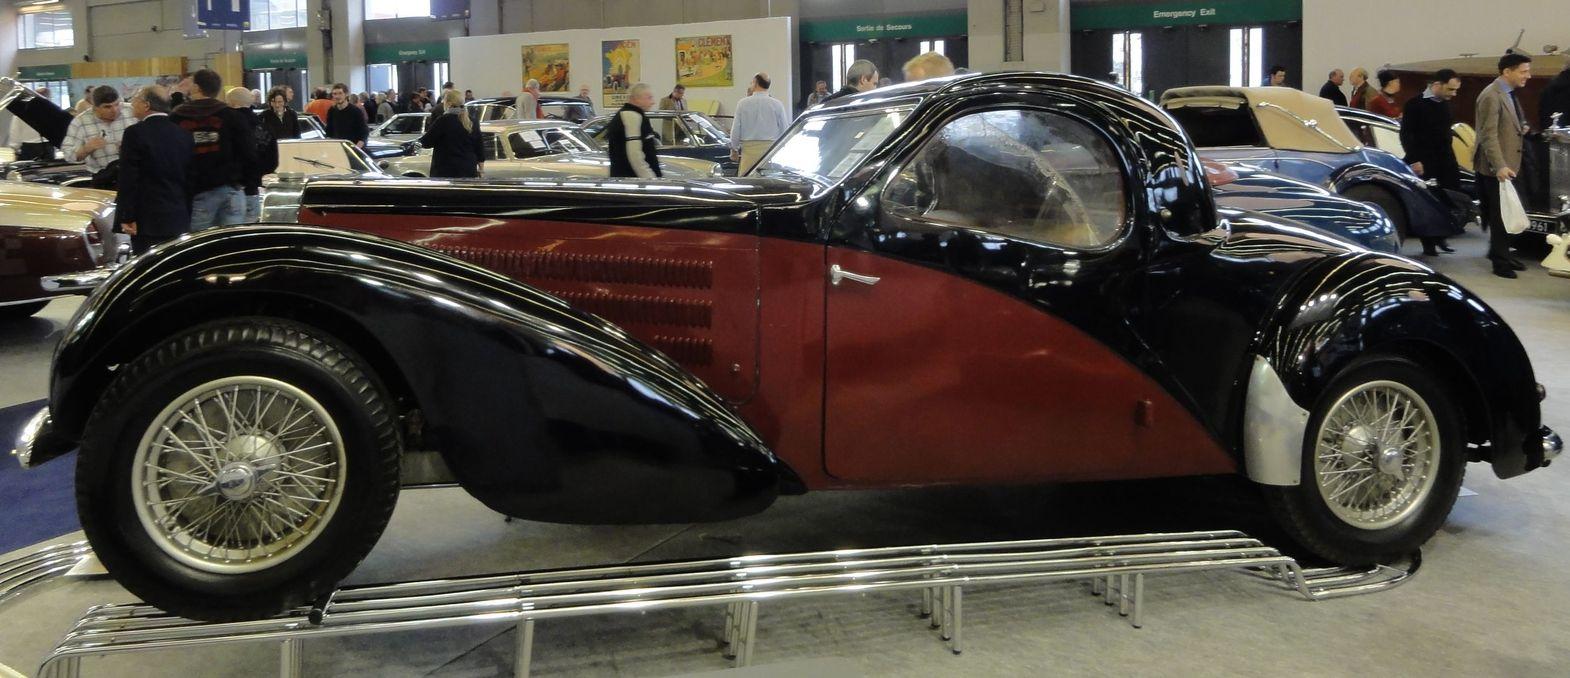 bugatti france retromobile paris 2011 automobiles de sports et de courses bugatti france. Black Bedroom Furniture Sets. Home Design Ideas